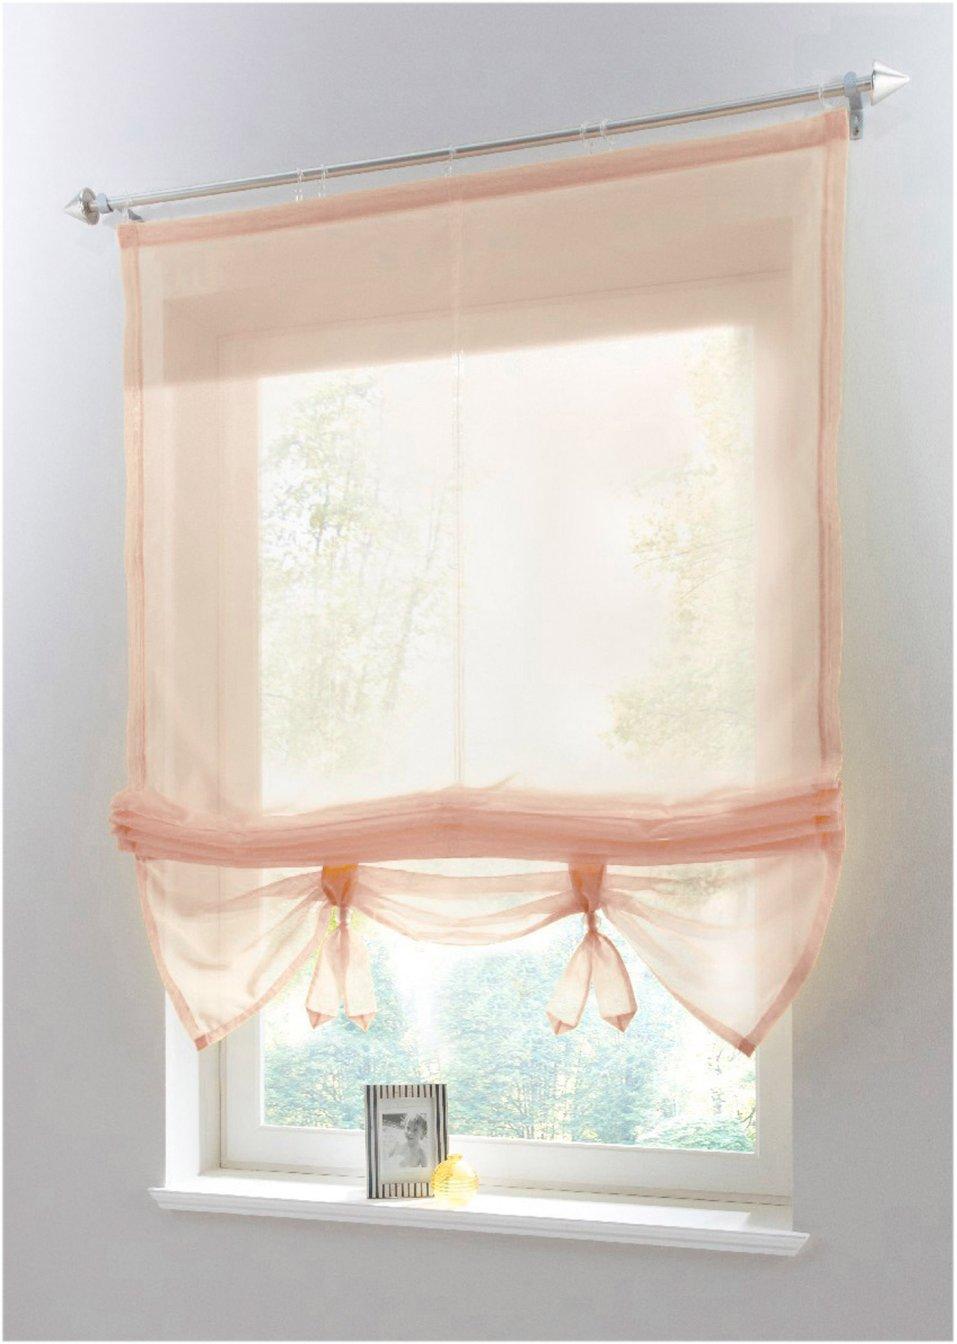 raffrollo liane sch ne fenster leichtgemacht sand klettschiene. Black Bedroom Furniture Sets. Home Design Ideas